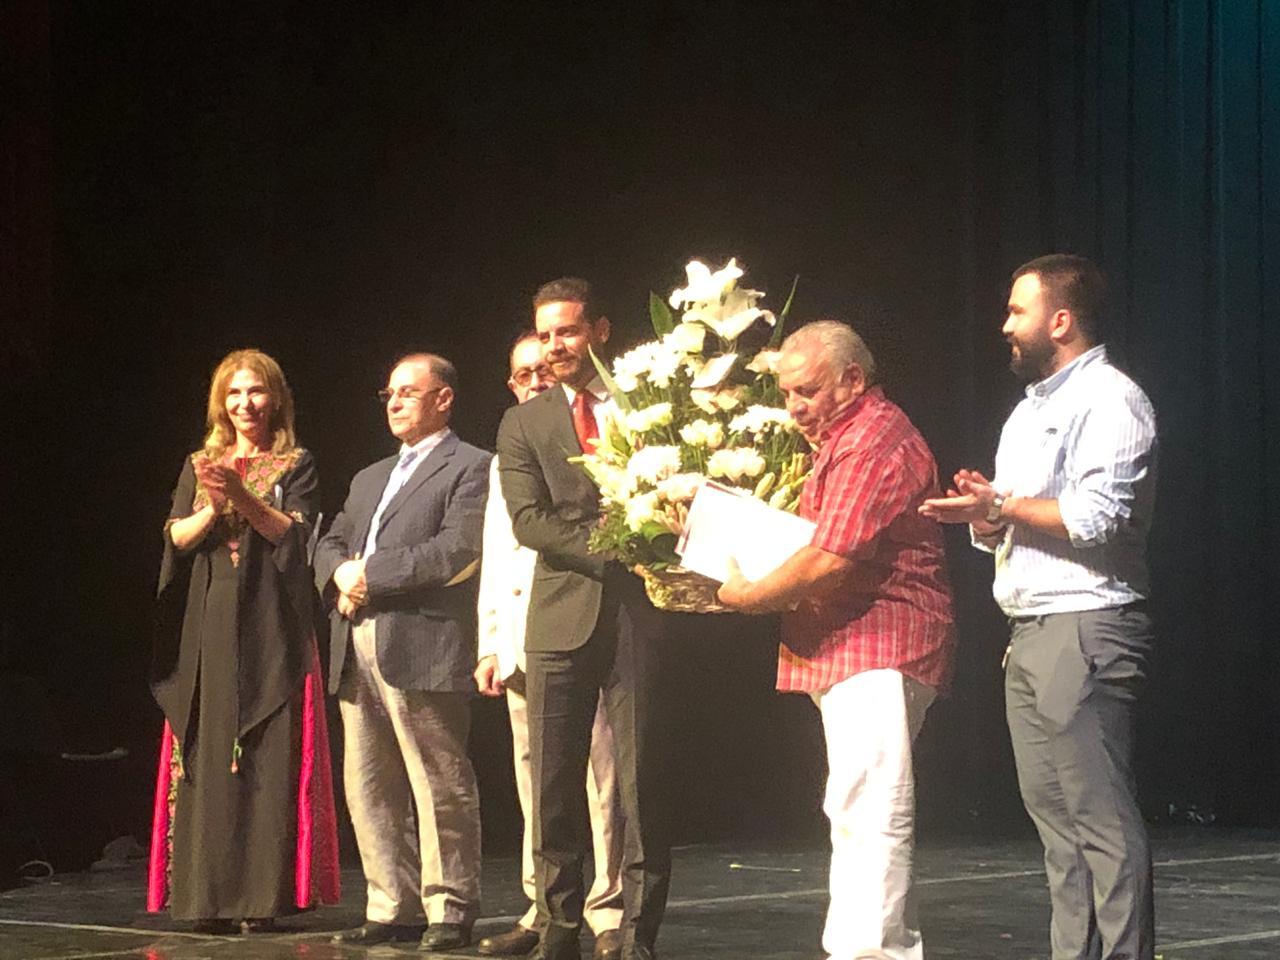 تدريسي  من قسم الفنون المسرحية يحصد جائزة افضل اخراج في مهرجان عشيات طقوس المسرحية في الاردن